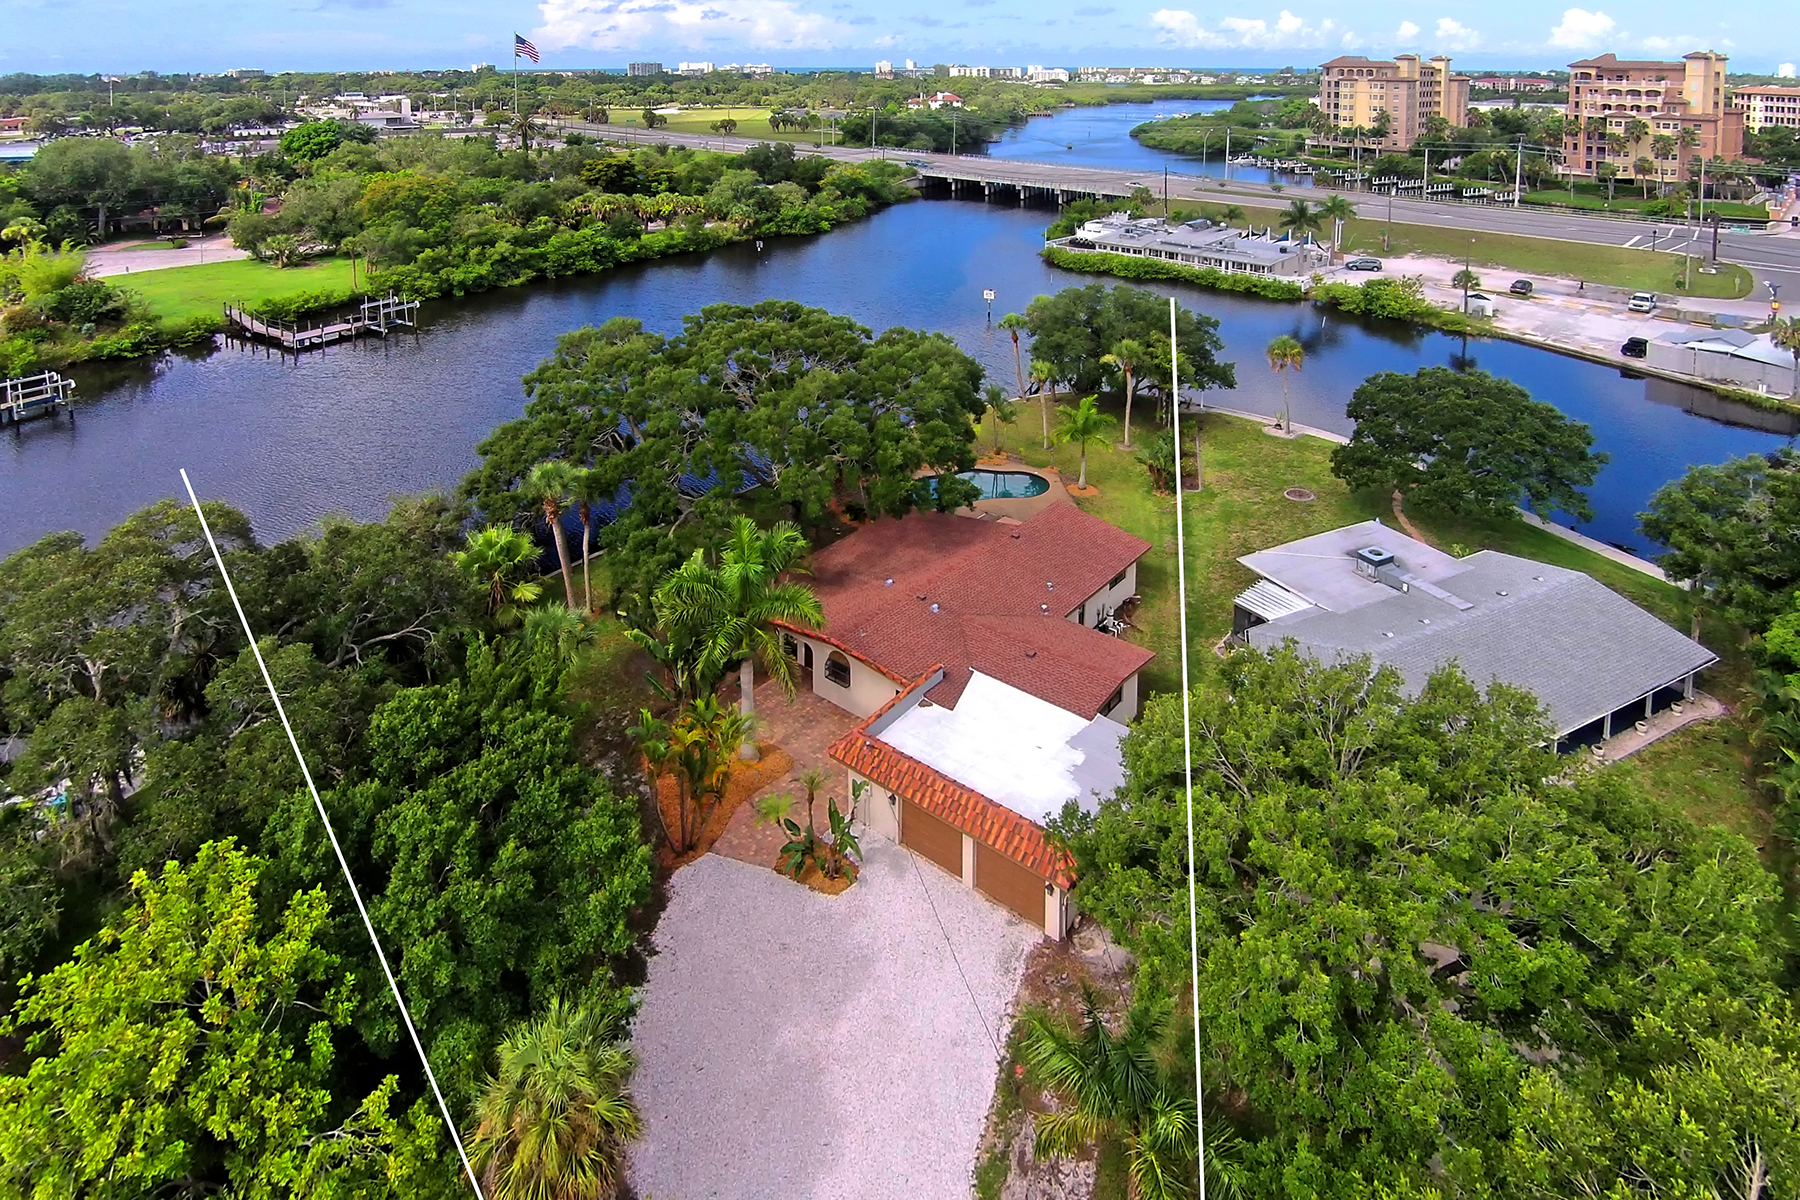 단독 가정 주택 용 매매 에 RIVER FOREST 5381 Palos Verdes Dr Sarasota, 플로리다 34231 미국